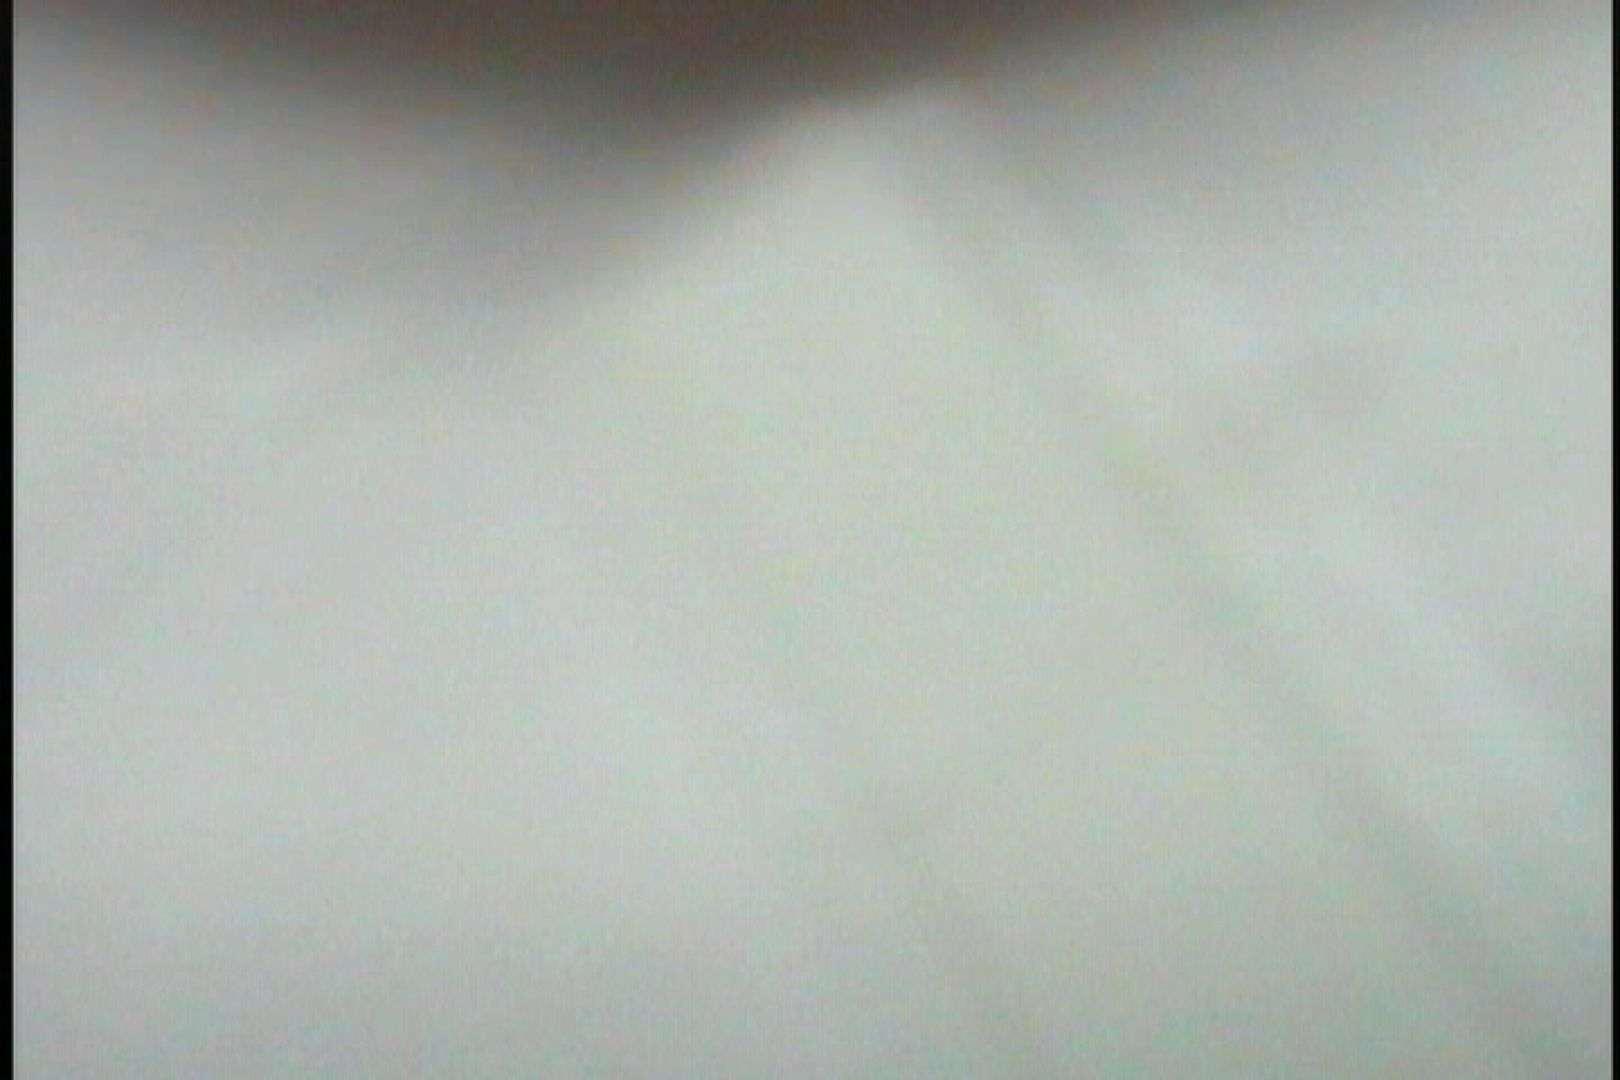 いっくんの調教! 18歳変態レズっ子えこちゃんシリーズVol.2 美女OL  68連発 12